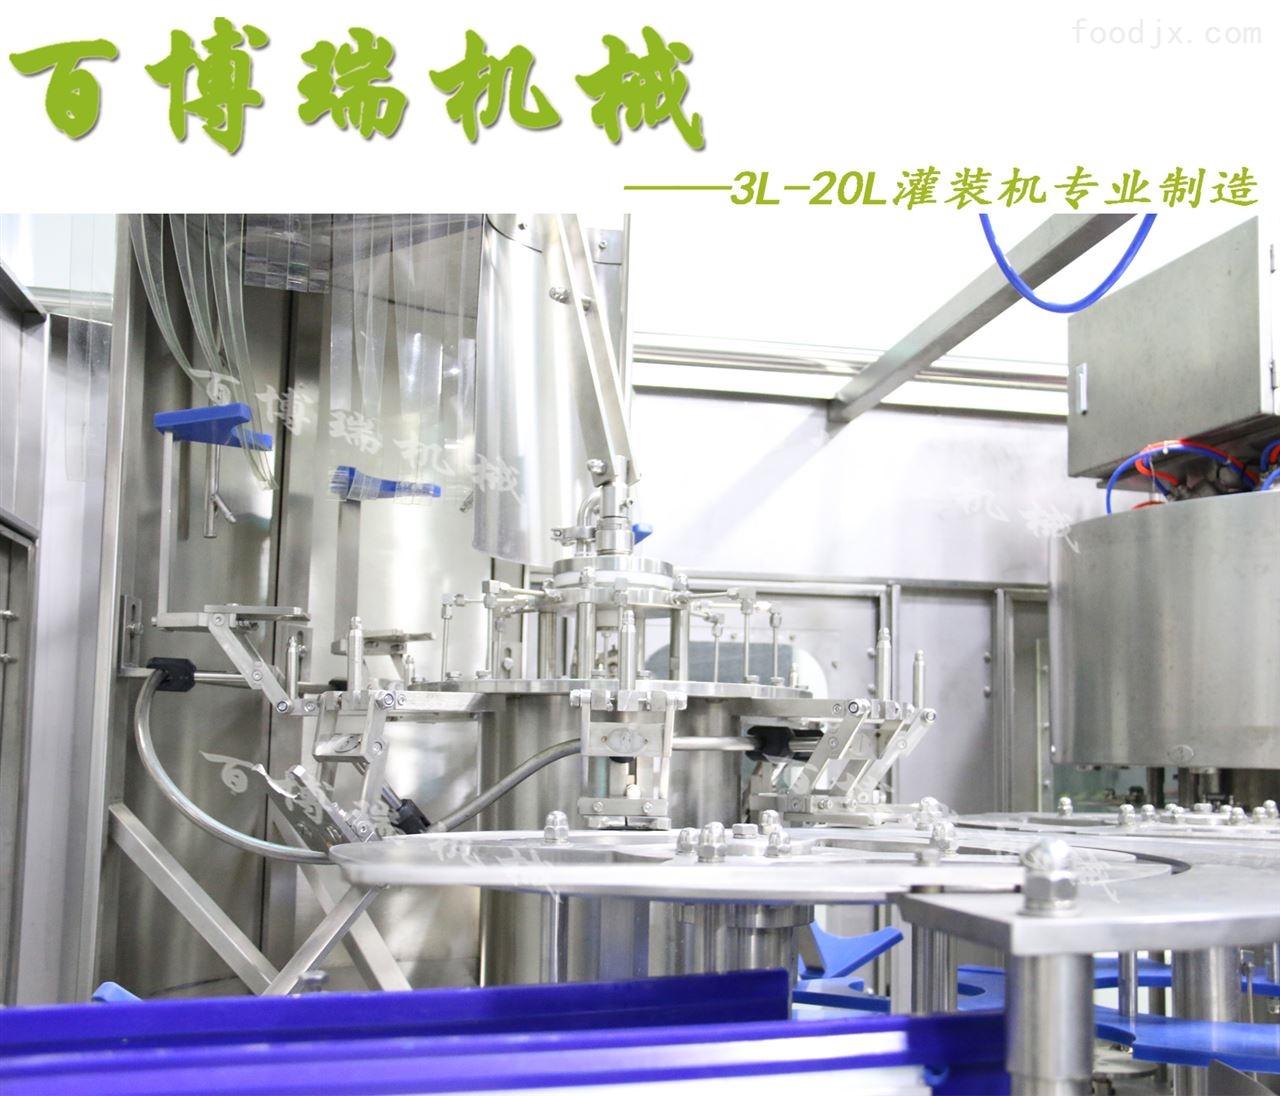 百博瑞全自动三合一4L矿泉水灌装设备